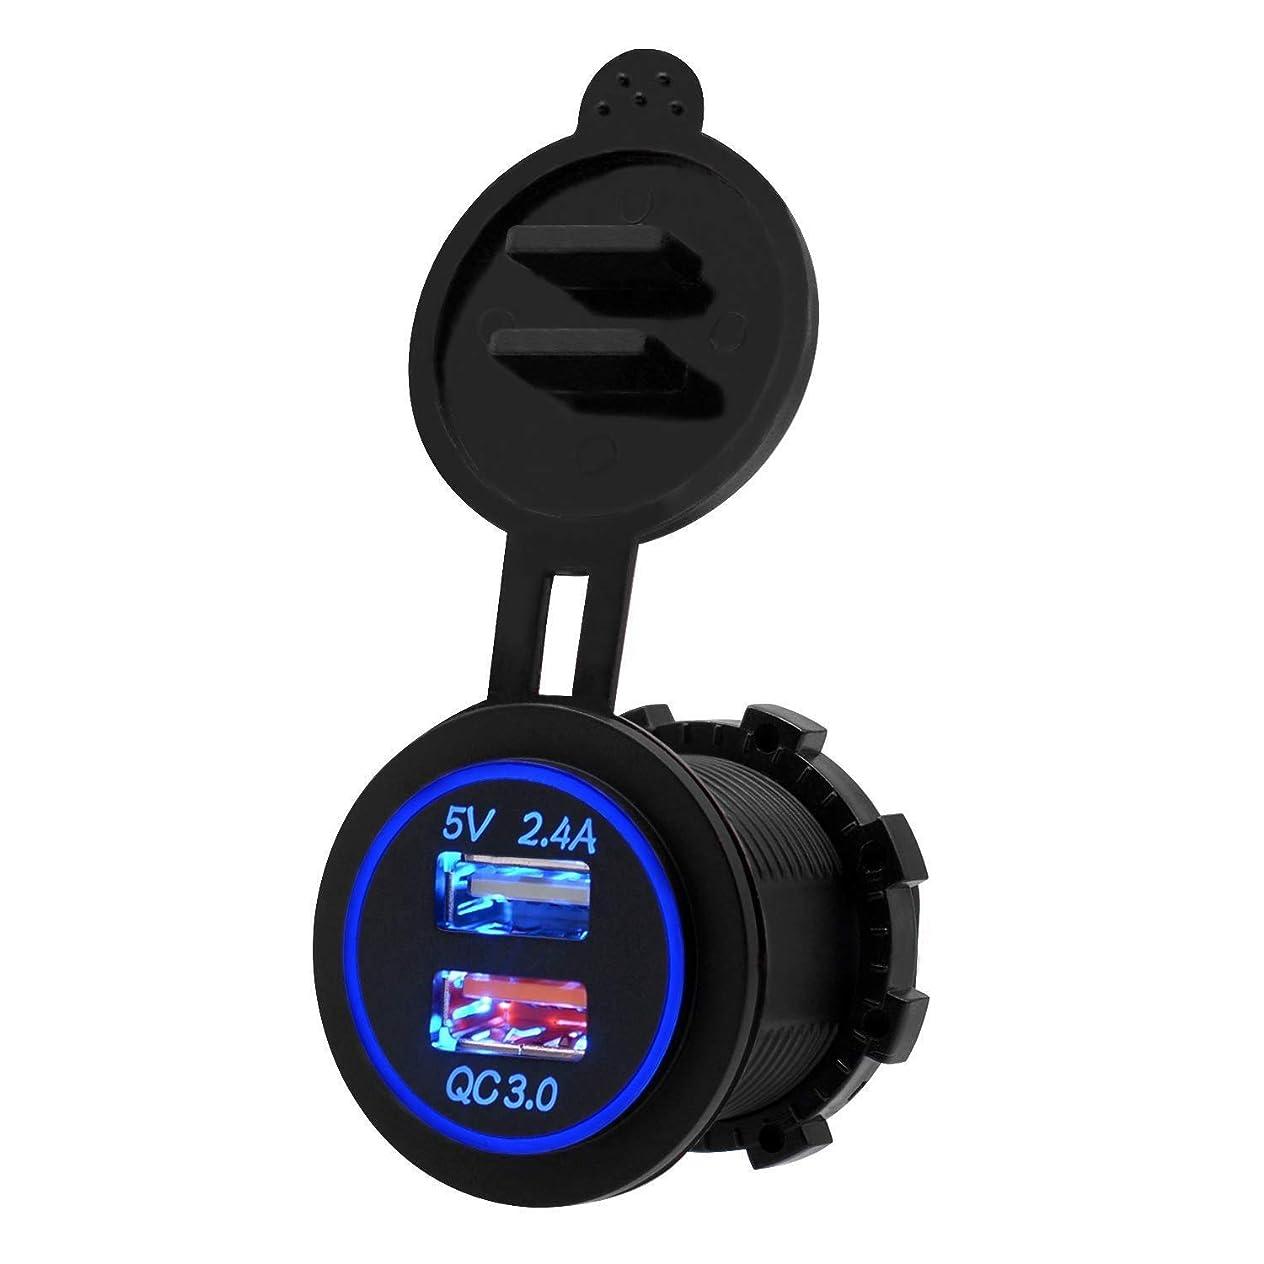 ベーリング海峡生じる精神医学Nrpfell 高速充電3.0 USB充電器ソケットIP66防水デュアルUSB車の電源コンセント、QC 3.0 USBポート&2.4Aポート、LEDライト付き、カーボートマリンRvオートバイ用(ブルー)